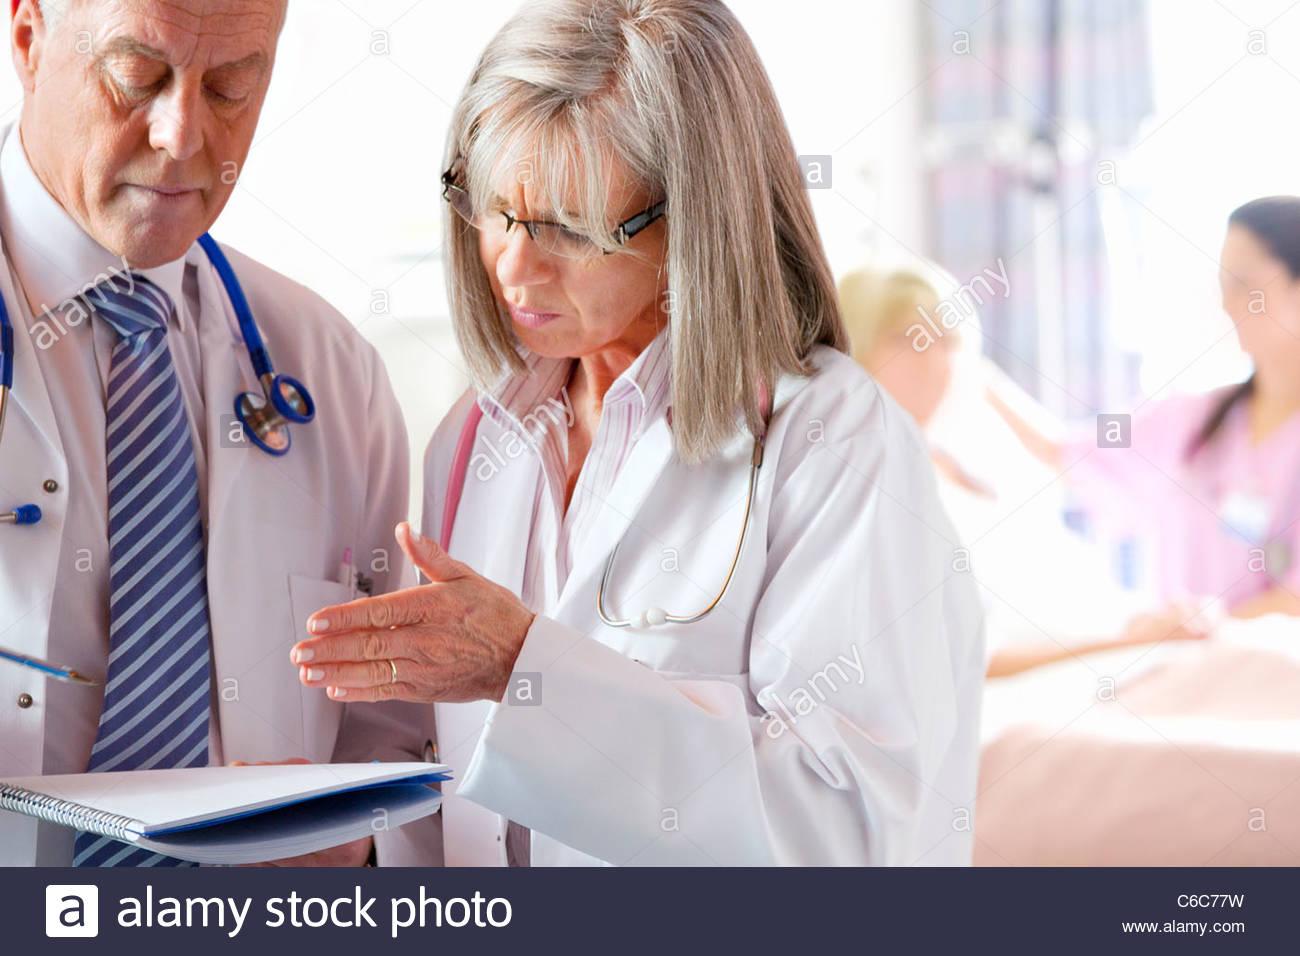 Los médicos en el hospital de gráfico médico discutir con el paciente y la enfermera en segundo plano. Imagen De Stock